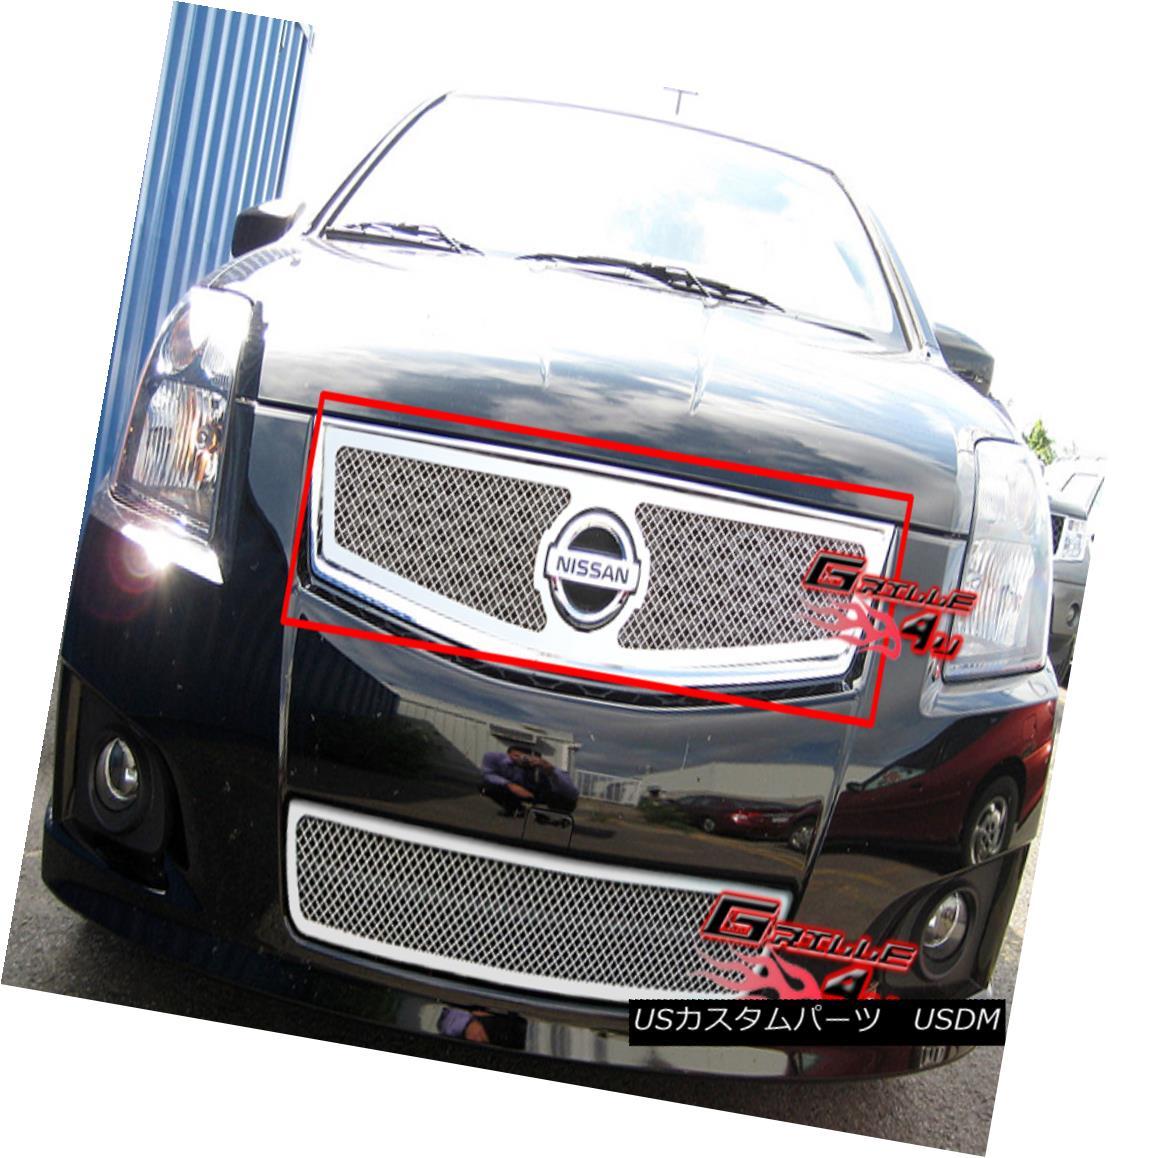 グリル Fits 2007-2010 Nissan Sentra Stainless Mesh Grille Insert 2007-2010 Nissan Sentraステンレスメッシュグリルインサート